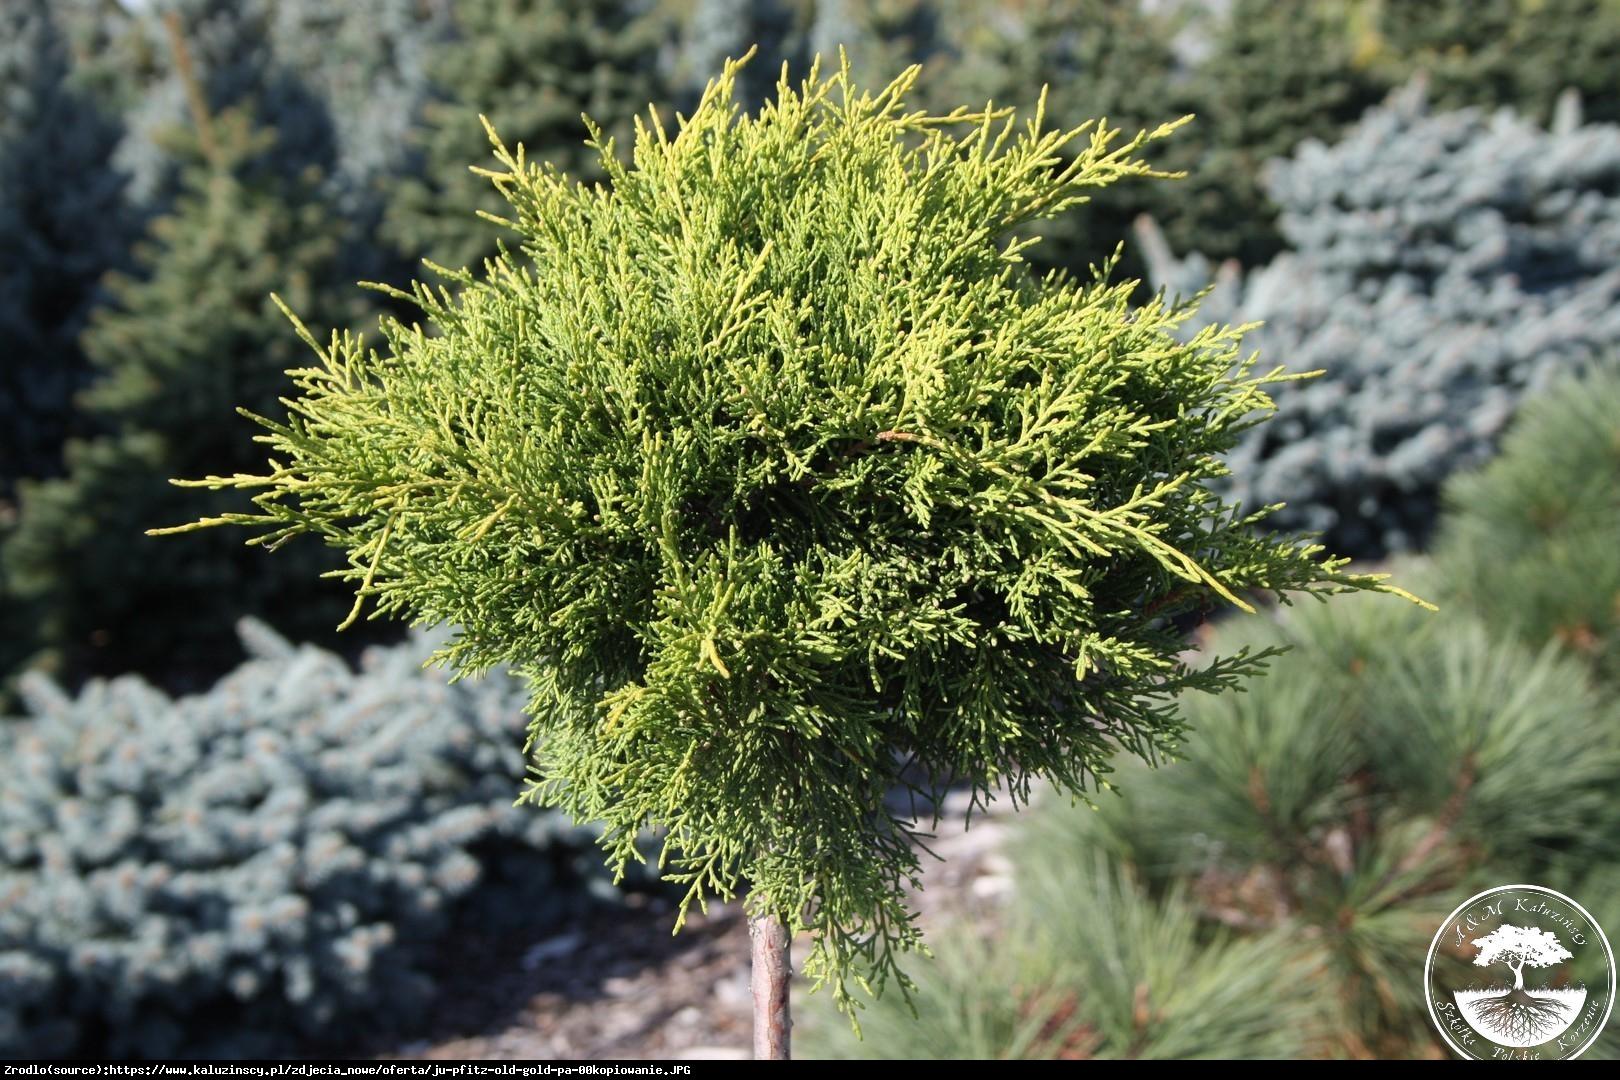 Jałowiec Pfitzera Old Gold  - Juniperus pfitzeriana  Old Gold